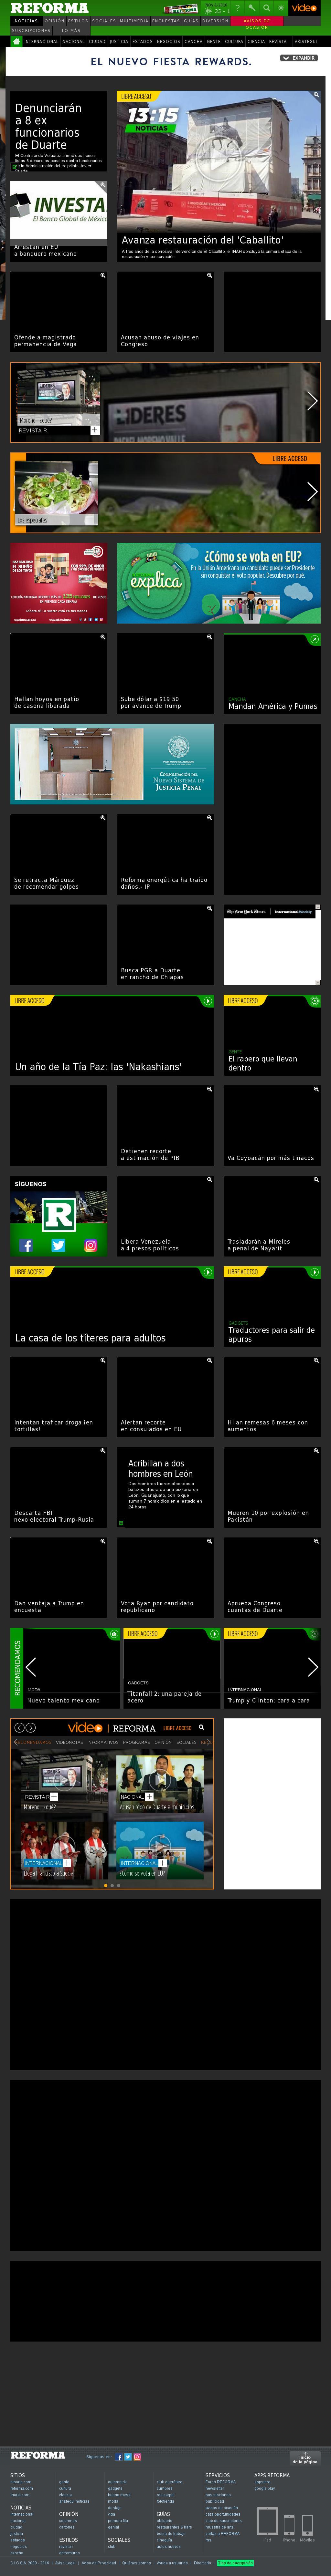 Reforma.com at Tuesday Nov. 1, 2016, 8:16 p.m. UTC